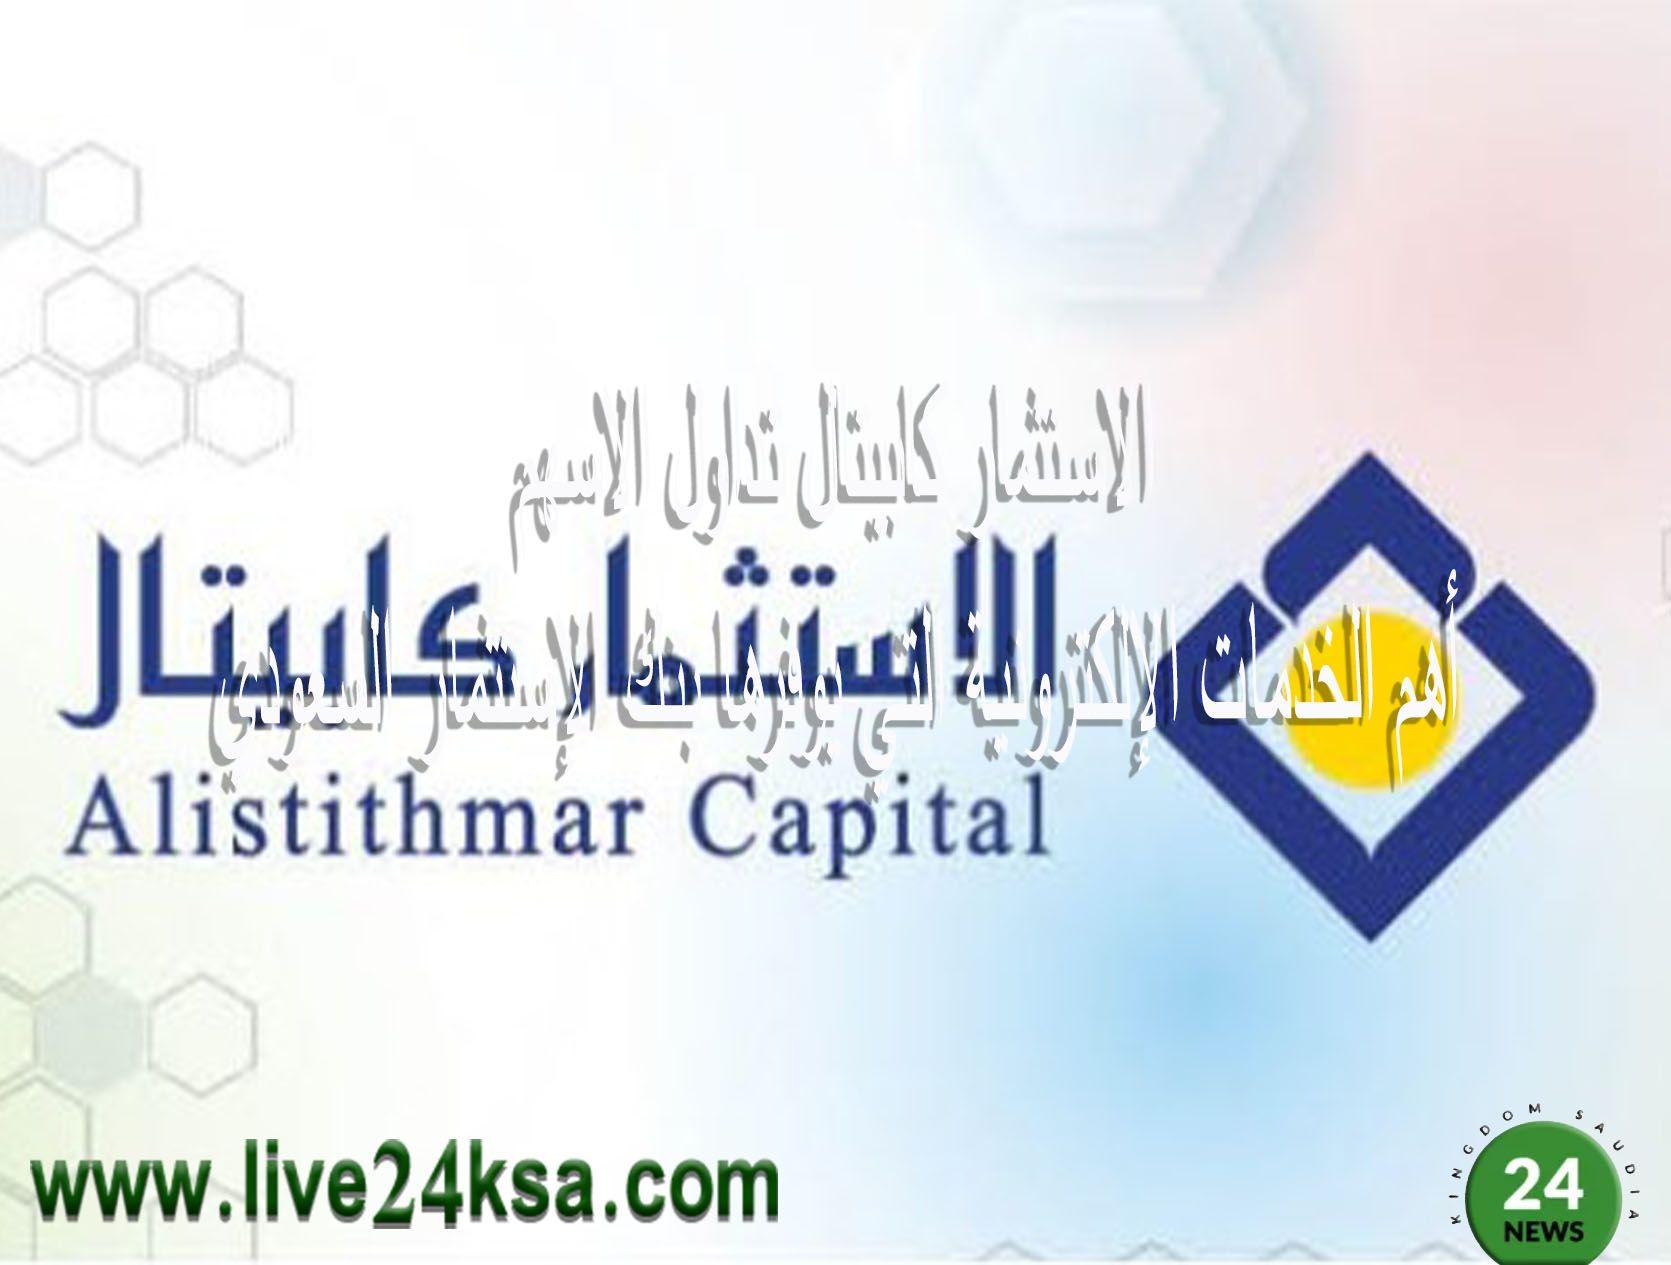 الاستثمار كابيتال تداول الاسهم أهم الخدمات الإلكترونية التي يوفرها بنك الإستثمار السعودي Company Logo Tech Company Logos Messenger Logo